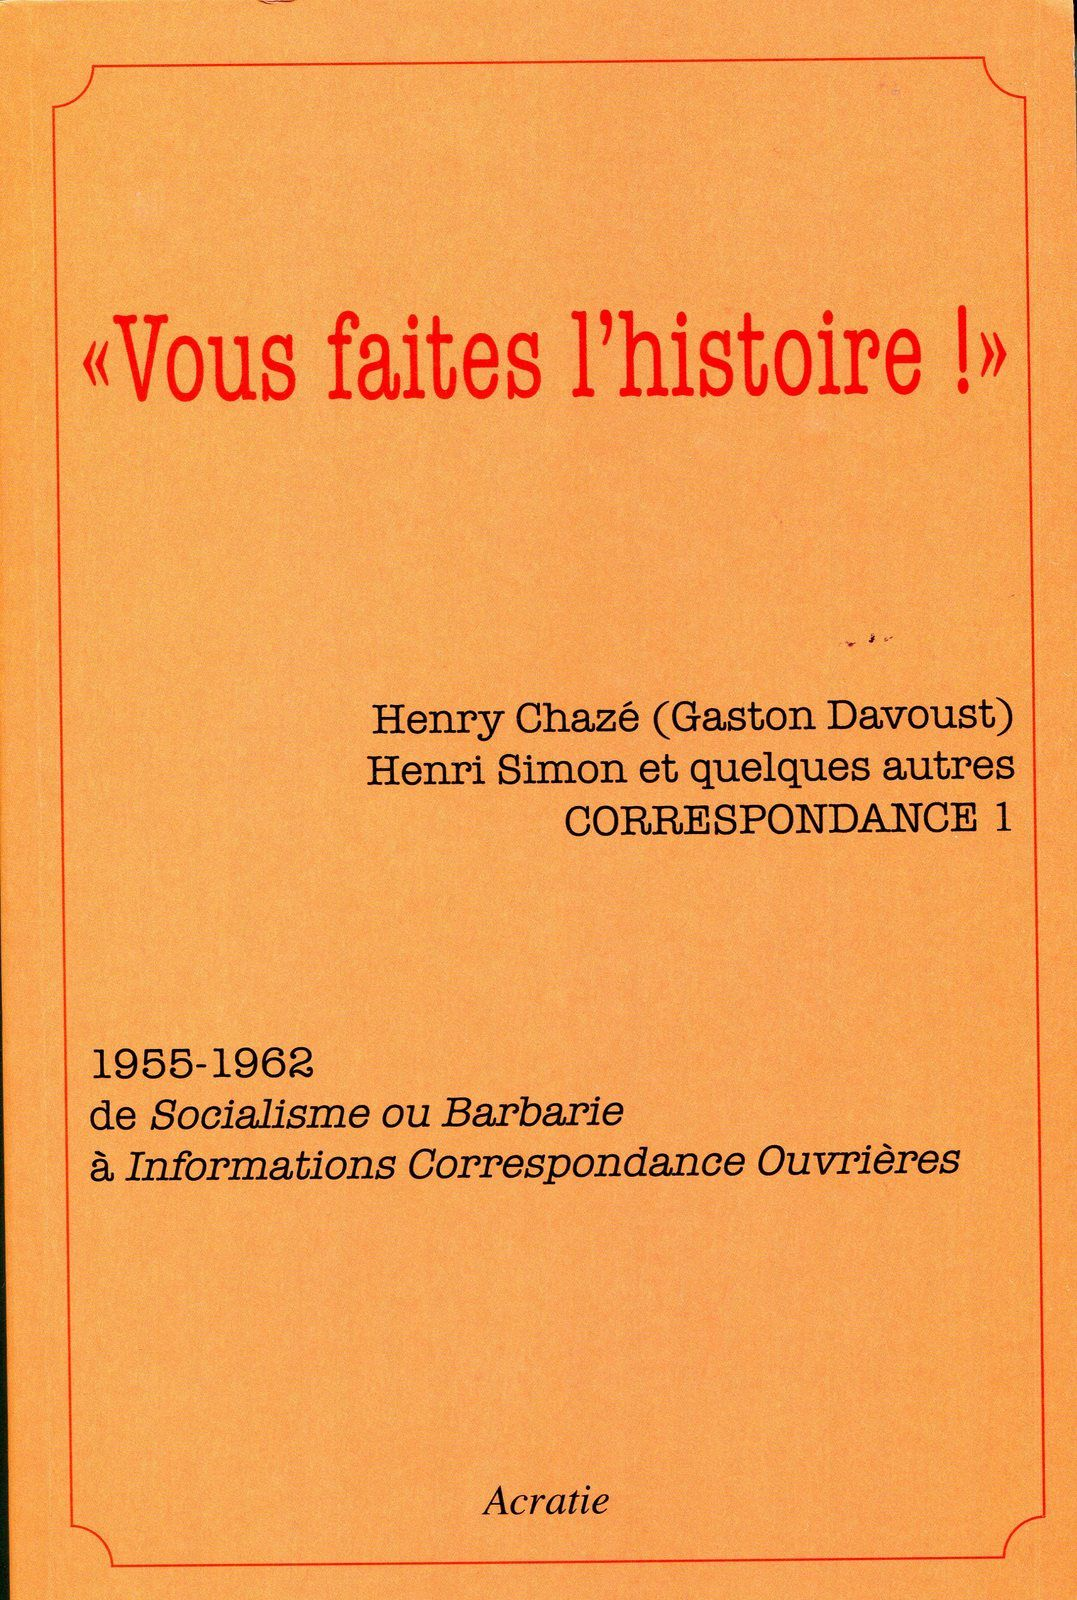 «Vous faites l'histoire !»  HENRY CHAZÉ - HENRI SIMON. Correspondance 1.